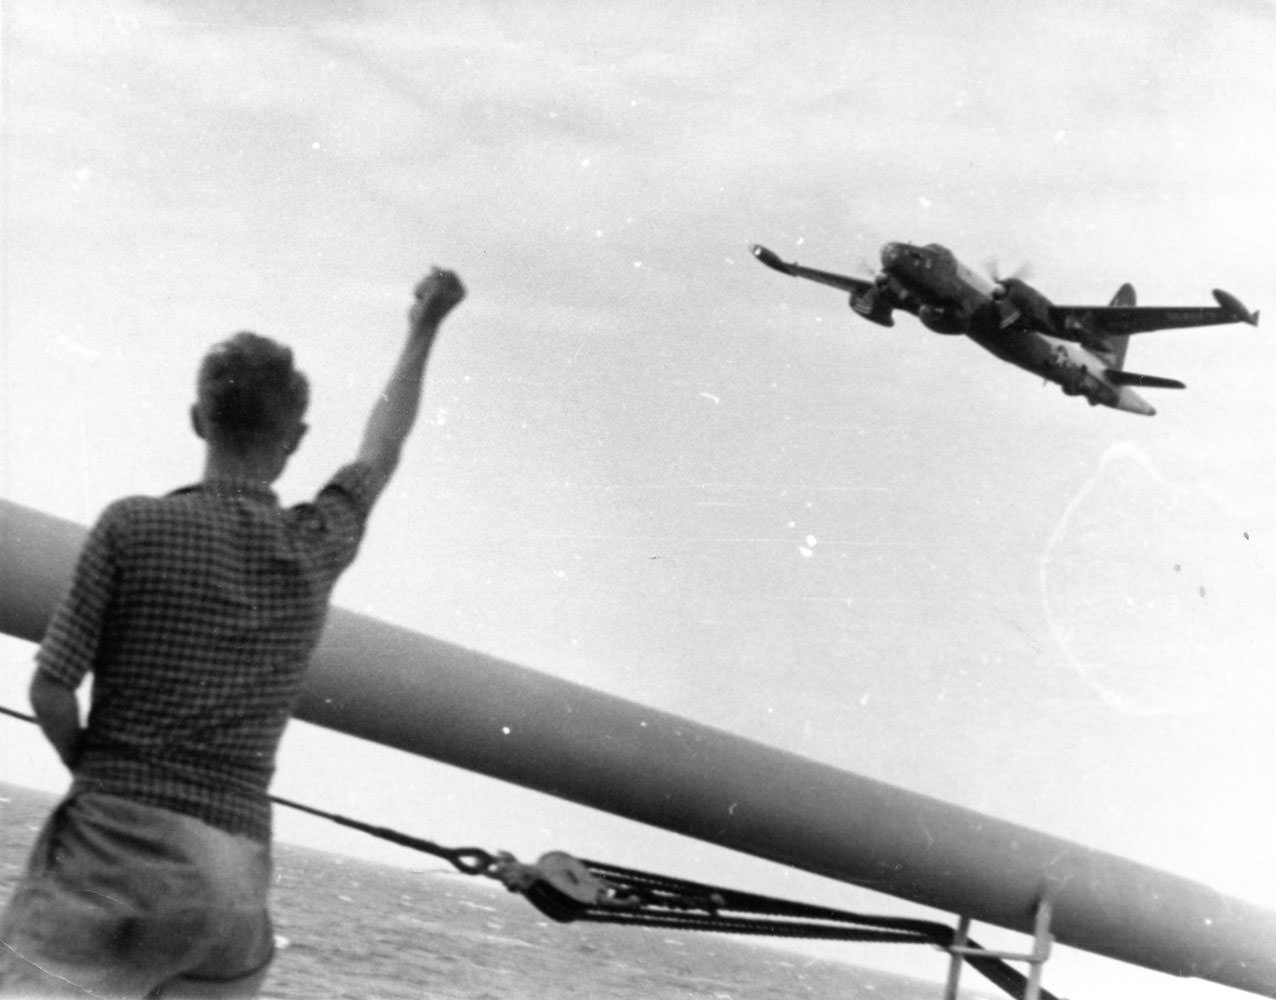 Август-сентябрь. Американский самолет-разведчик «Нептун» пролетает над нашей палубой.